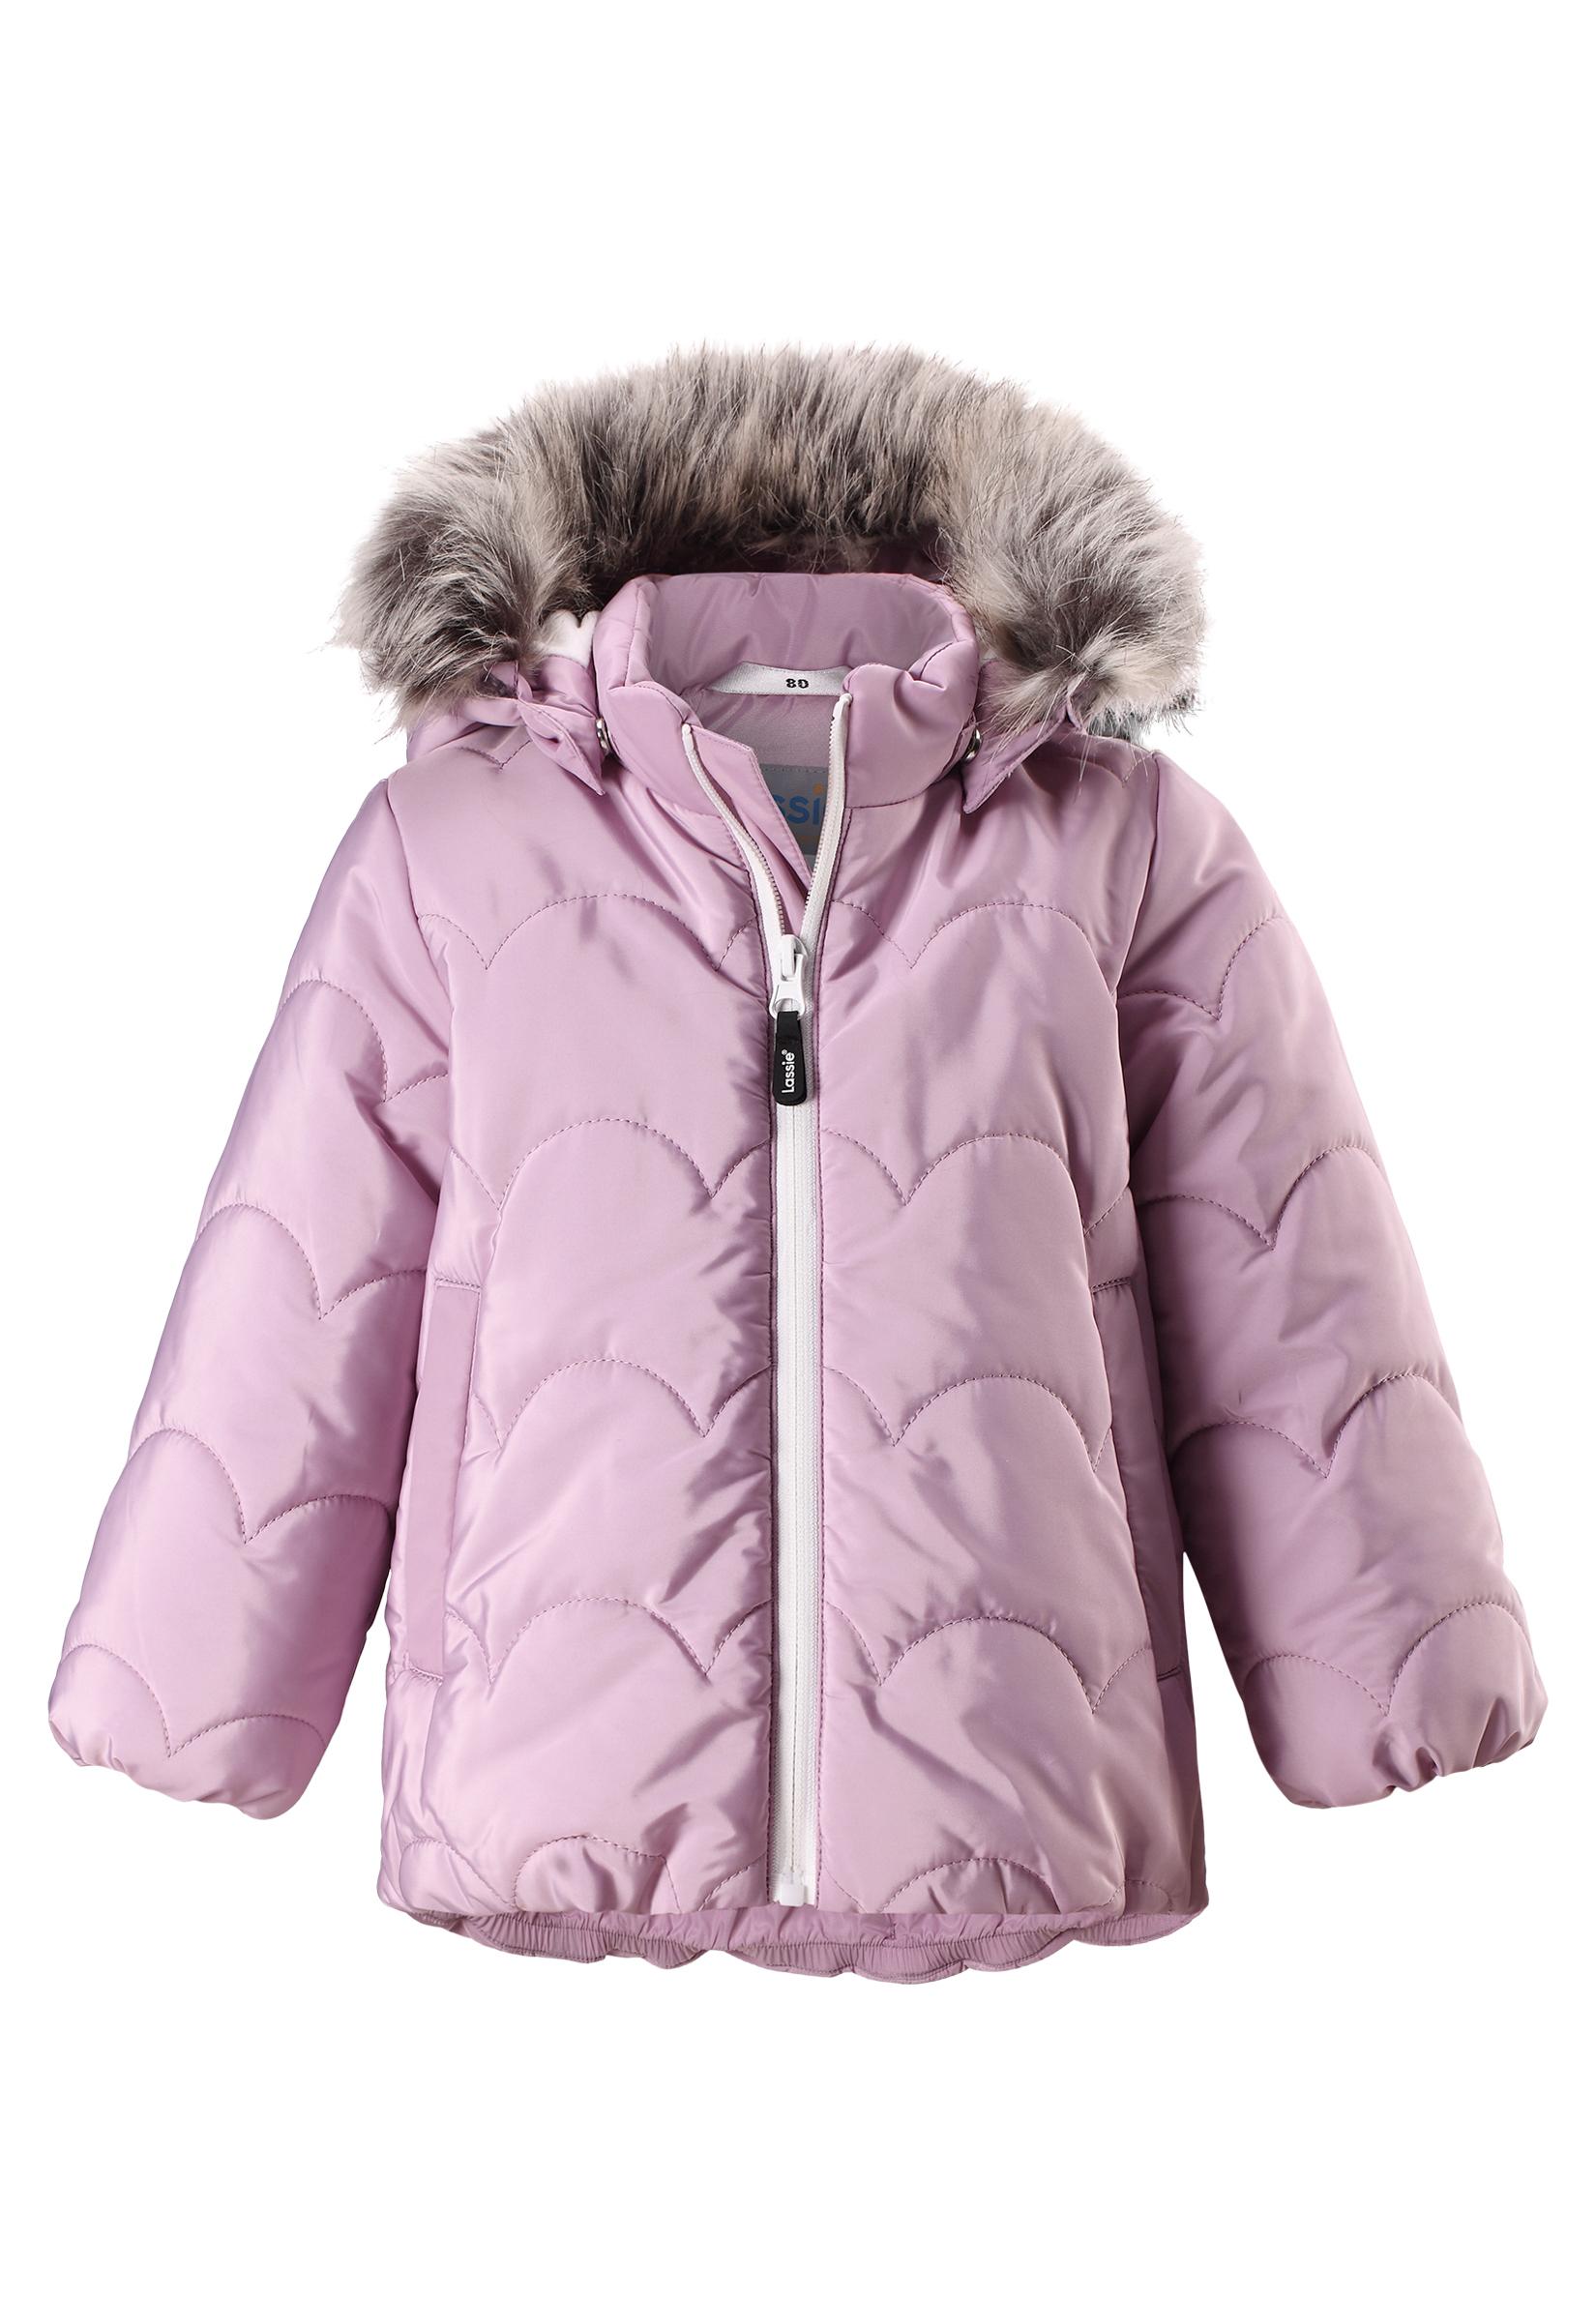 Купить Куртки, Куртка для девочки Lassie, розовая, Китай, розовый, Женский